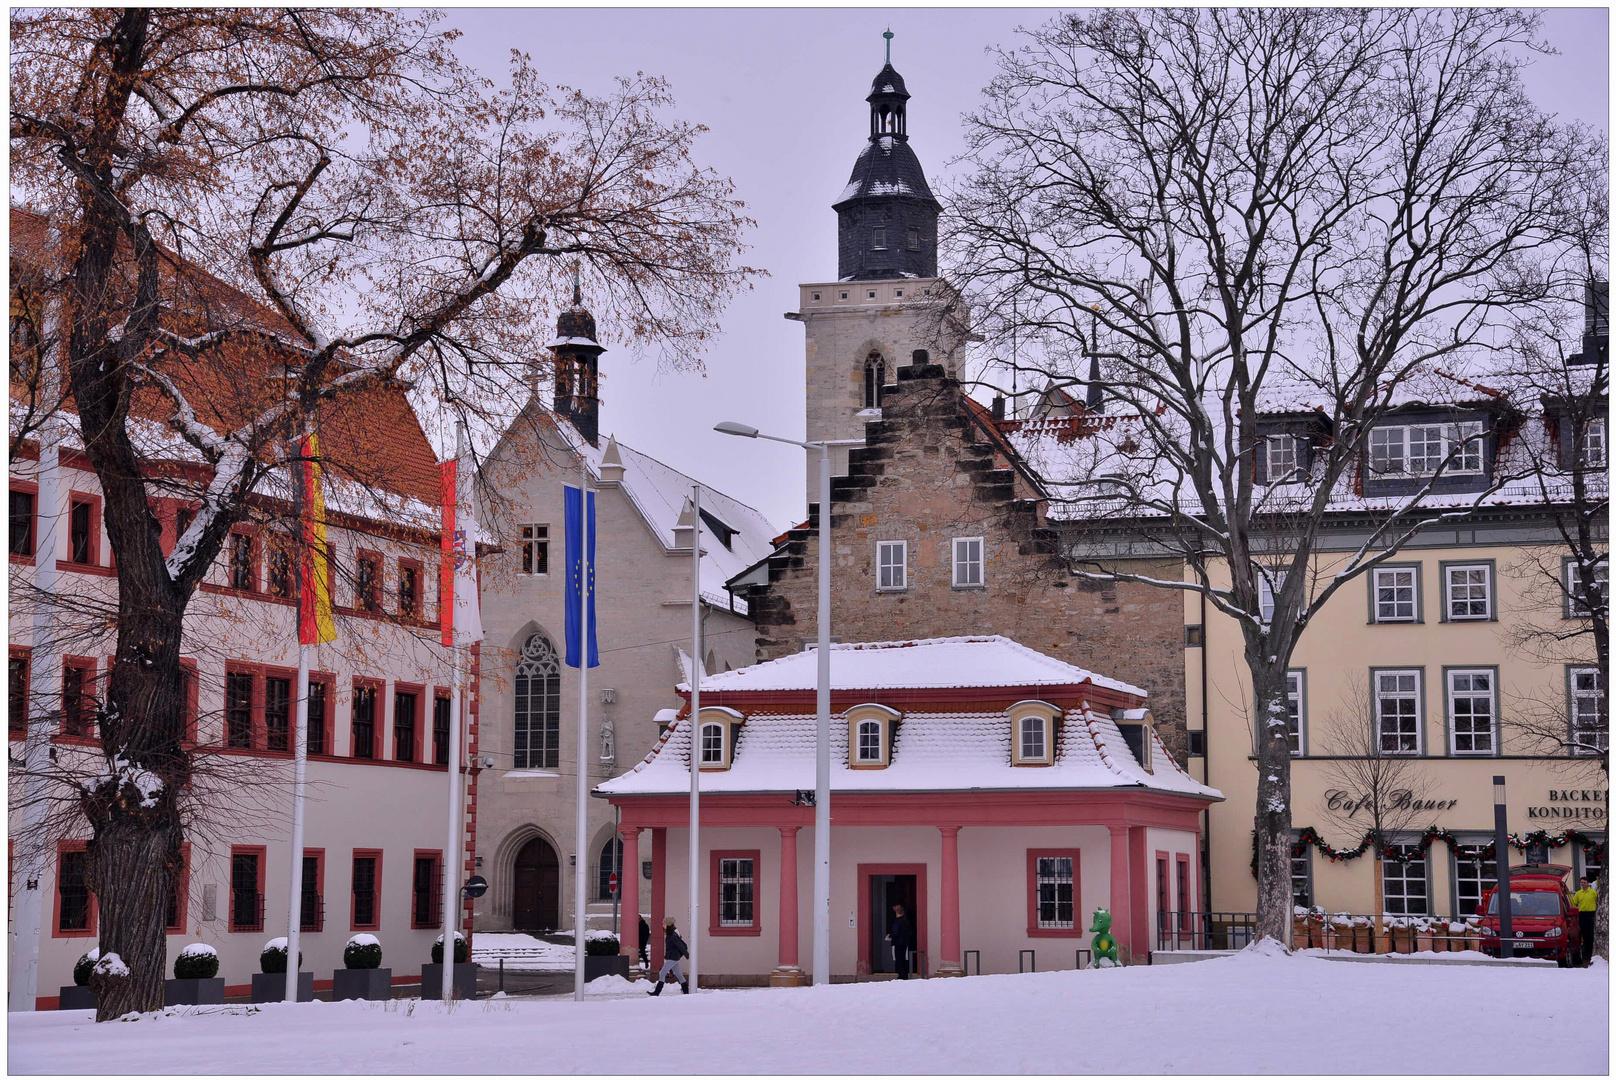 estar de visita en Erfurt, 4 (Besuch in Erfurt, 4)